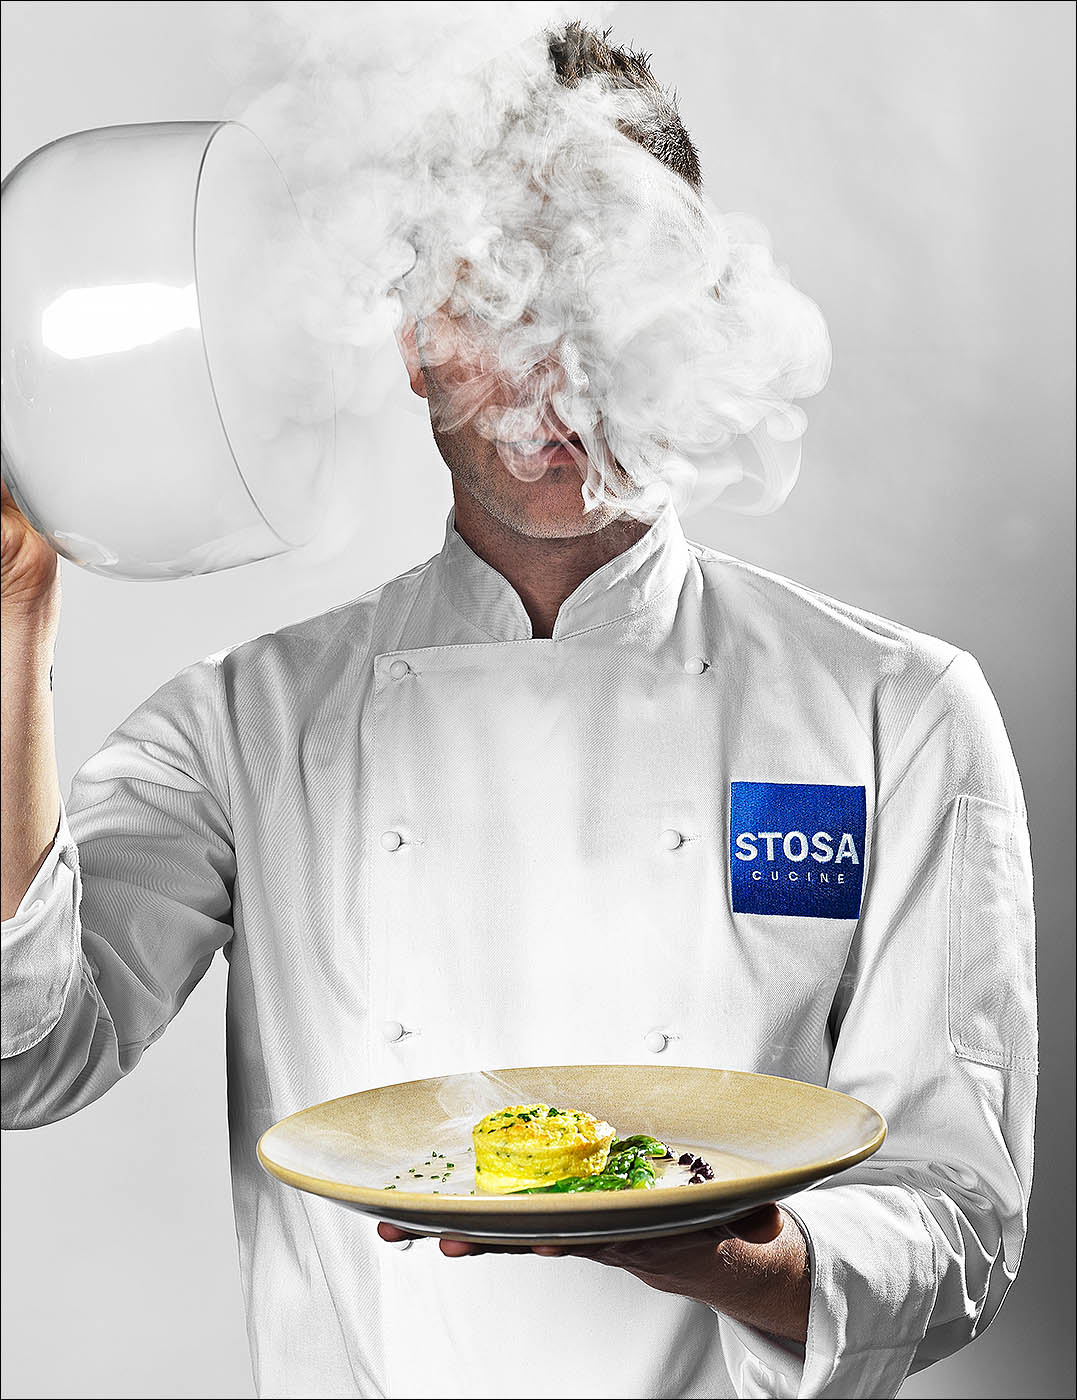 Fotografo still life Stosa Cucine | Andrea Sudati Photo Studio